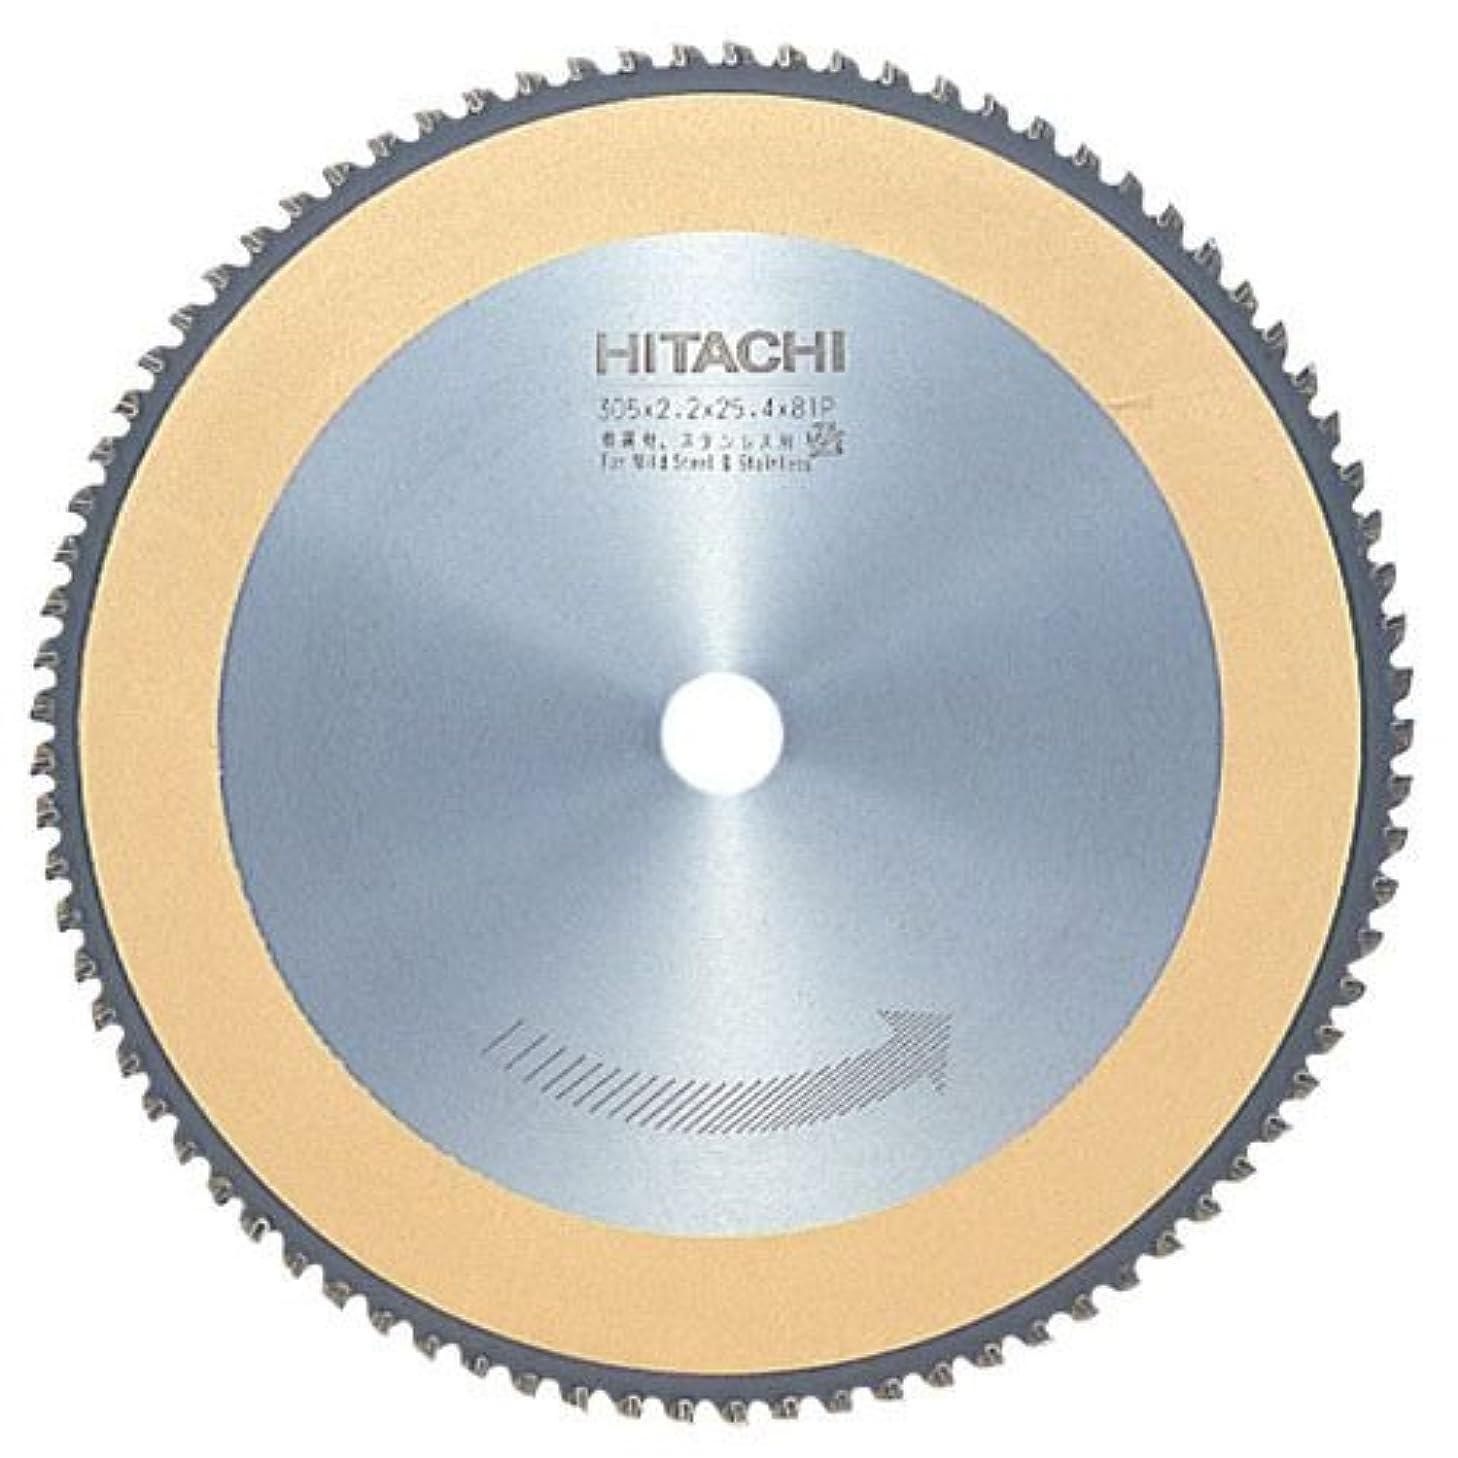 なだめるアフリカ眼HiKOKI(ハイコーキ) 旧日立工機  チップソー(軟鋼材ステンレス) 305mm×25.4 81枚 0031-6037